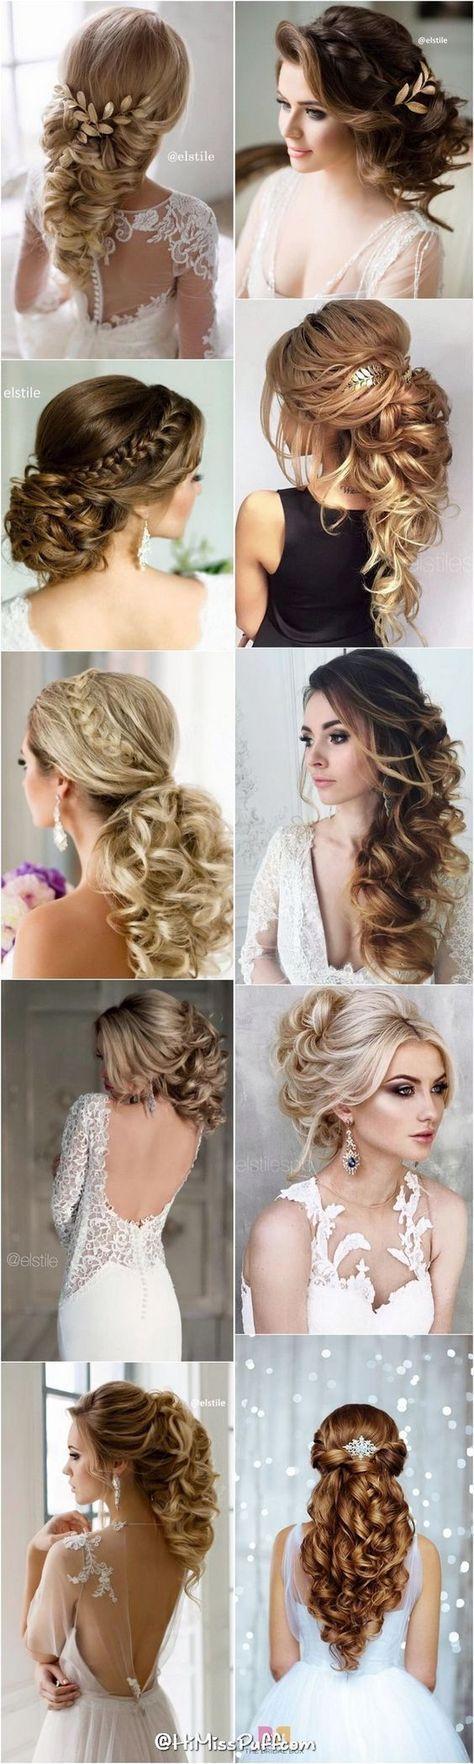 Elegant Schlichte Frisuren Fur Hochzeit Finden Sie Die Beste